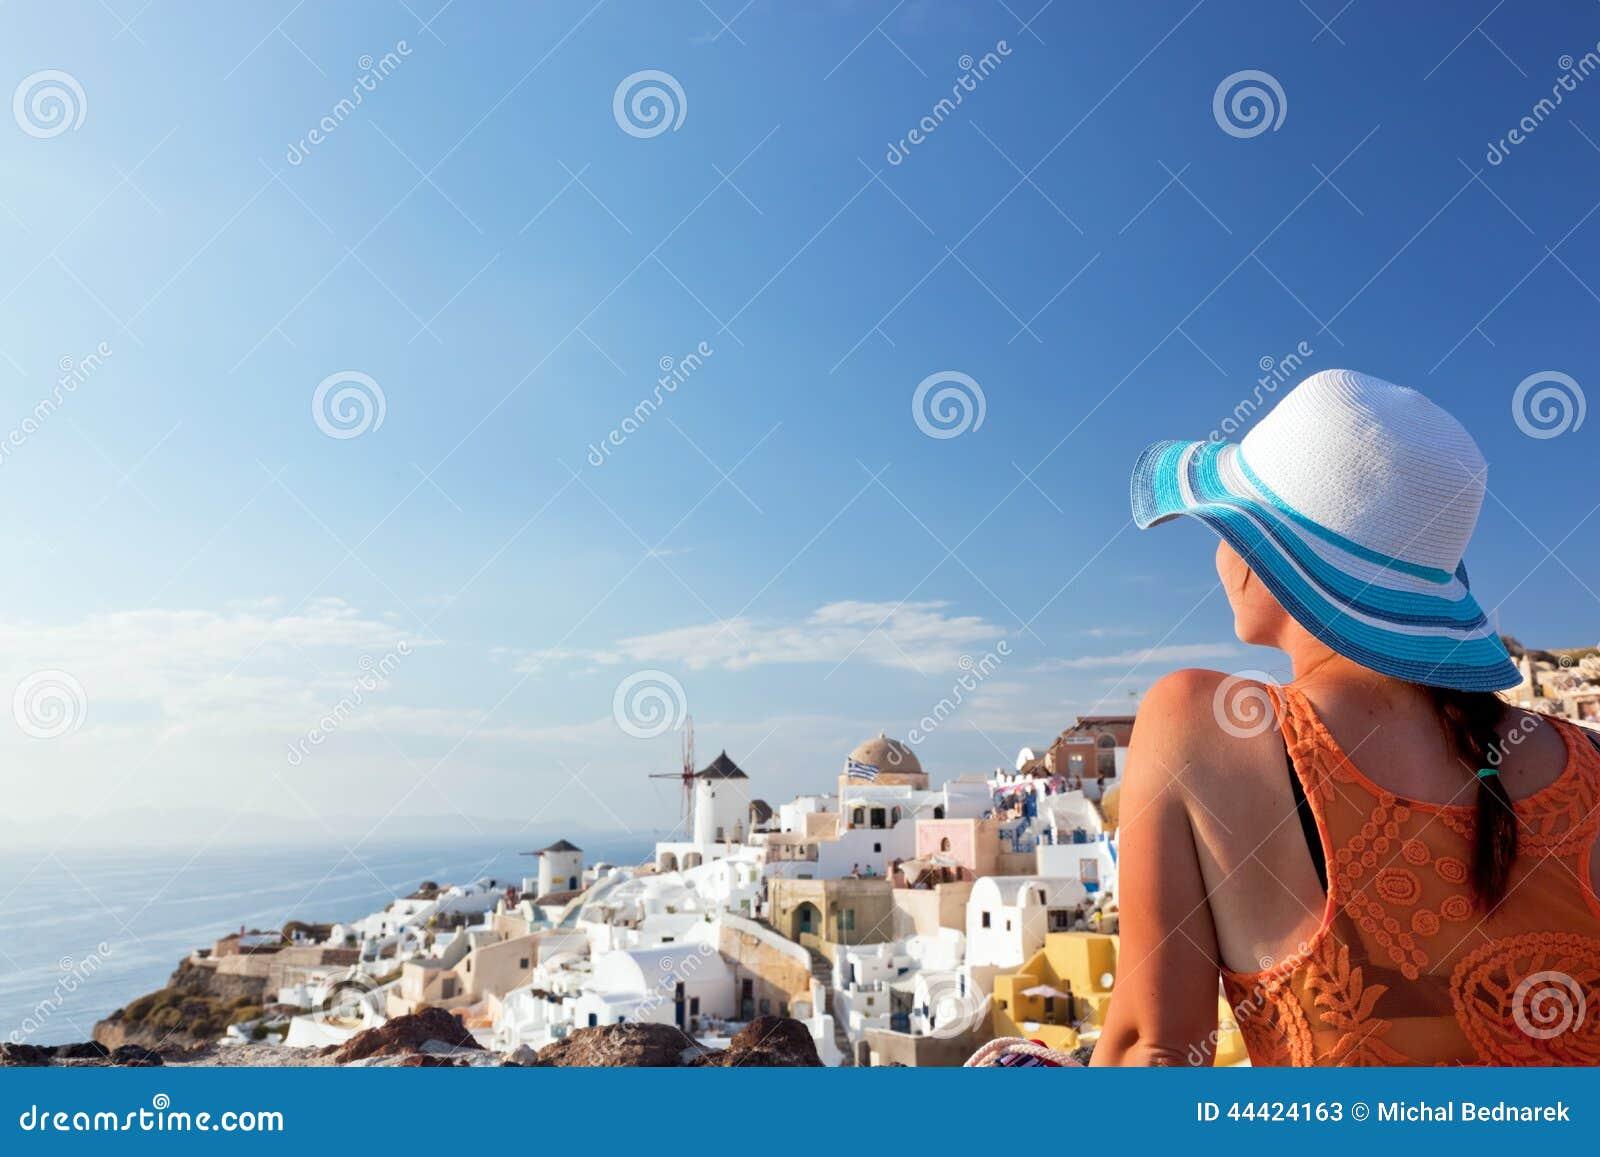 Glückliche touristische Frau auf Santorini-Insel, Griechenland Reise